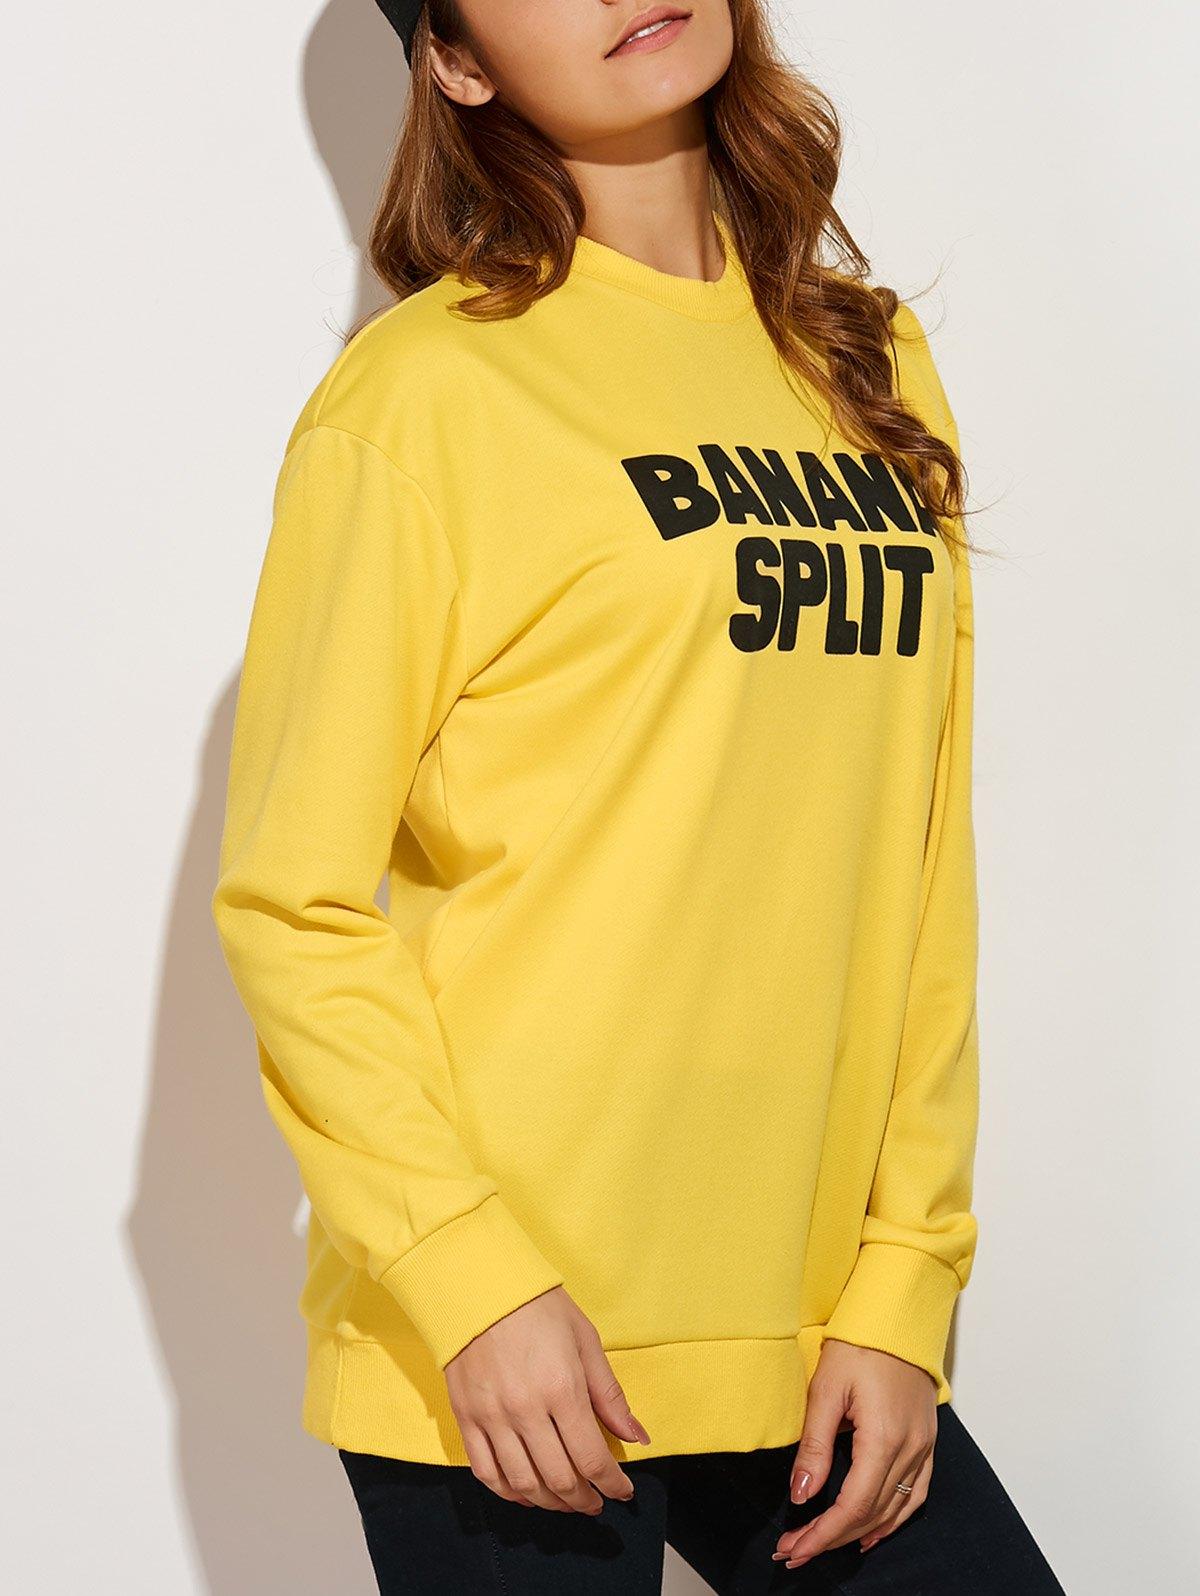 Banana Split Sweatshirt